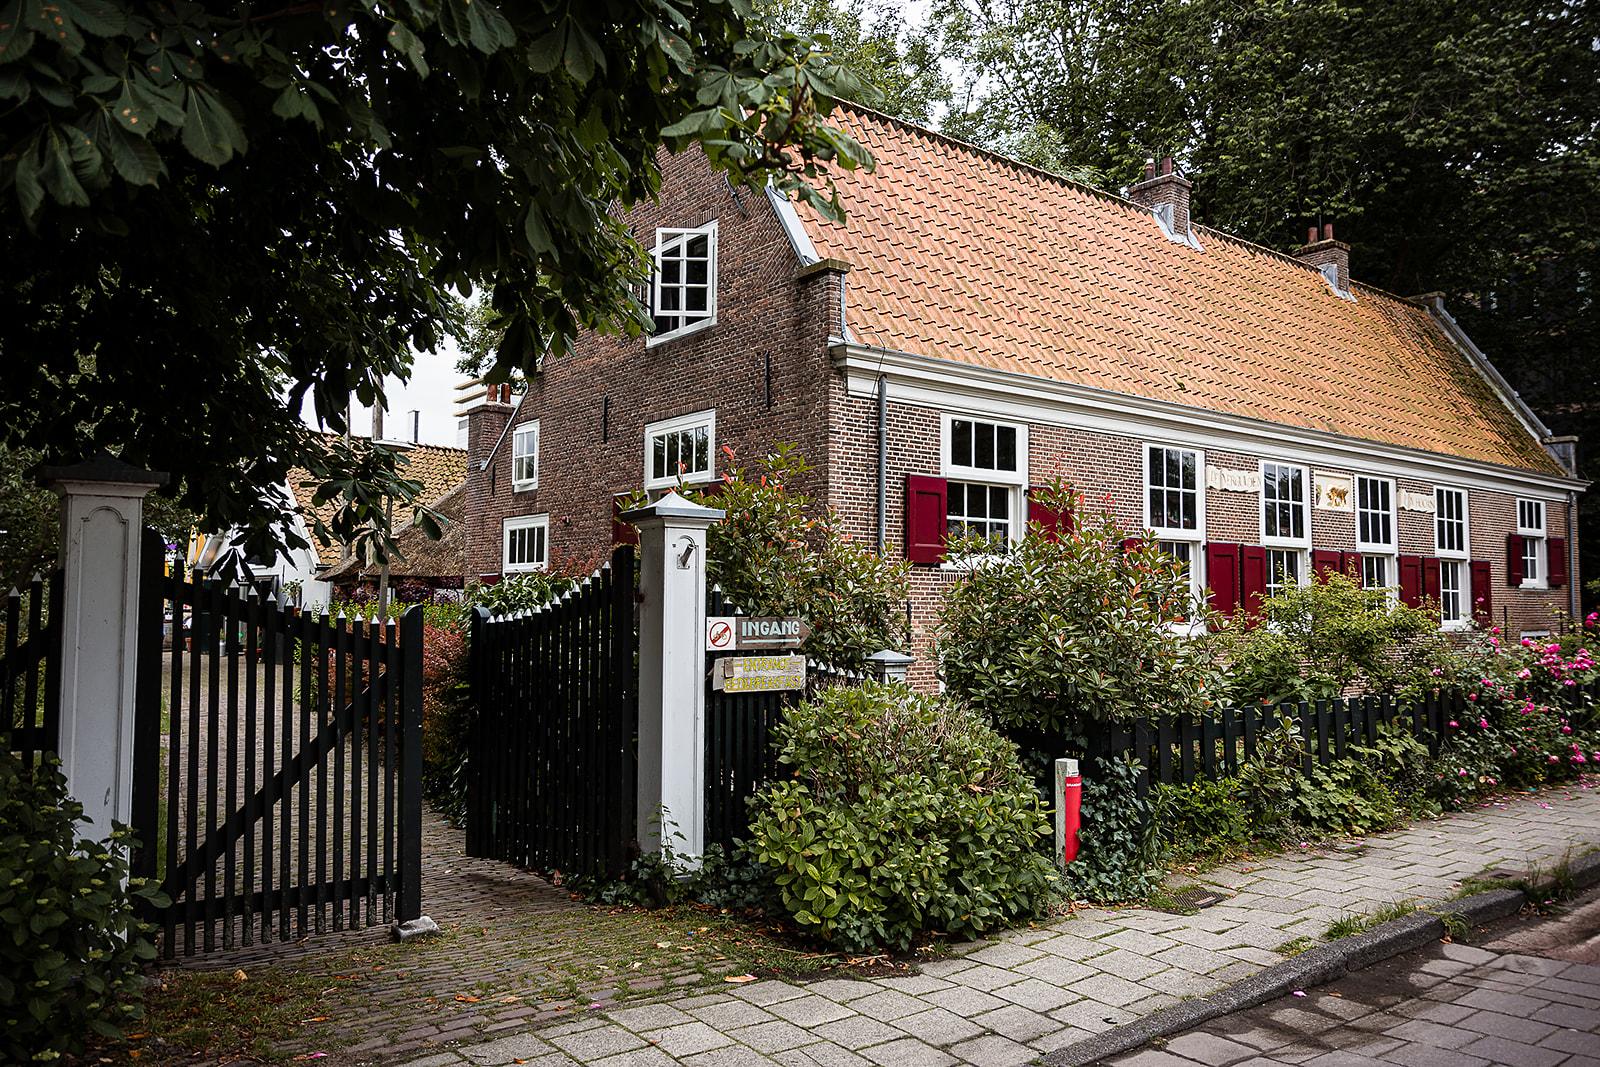 Trouwen bij De Vergulden Eenhoorn in Amsterdam